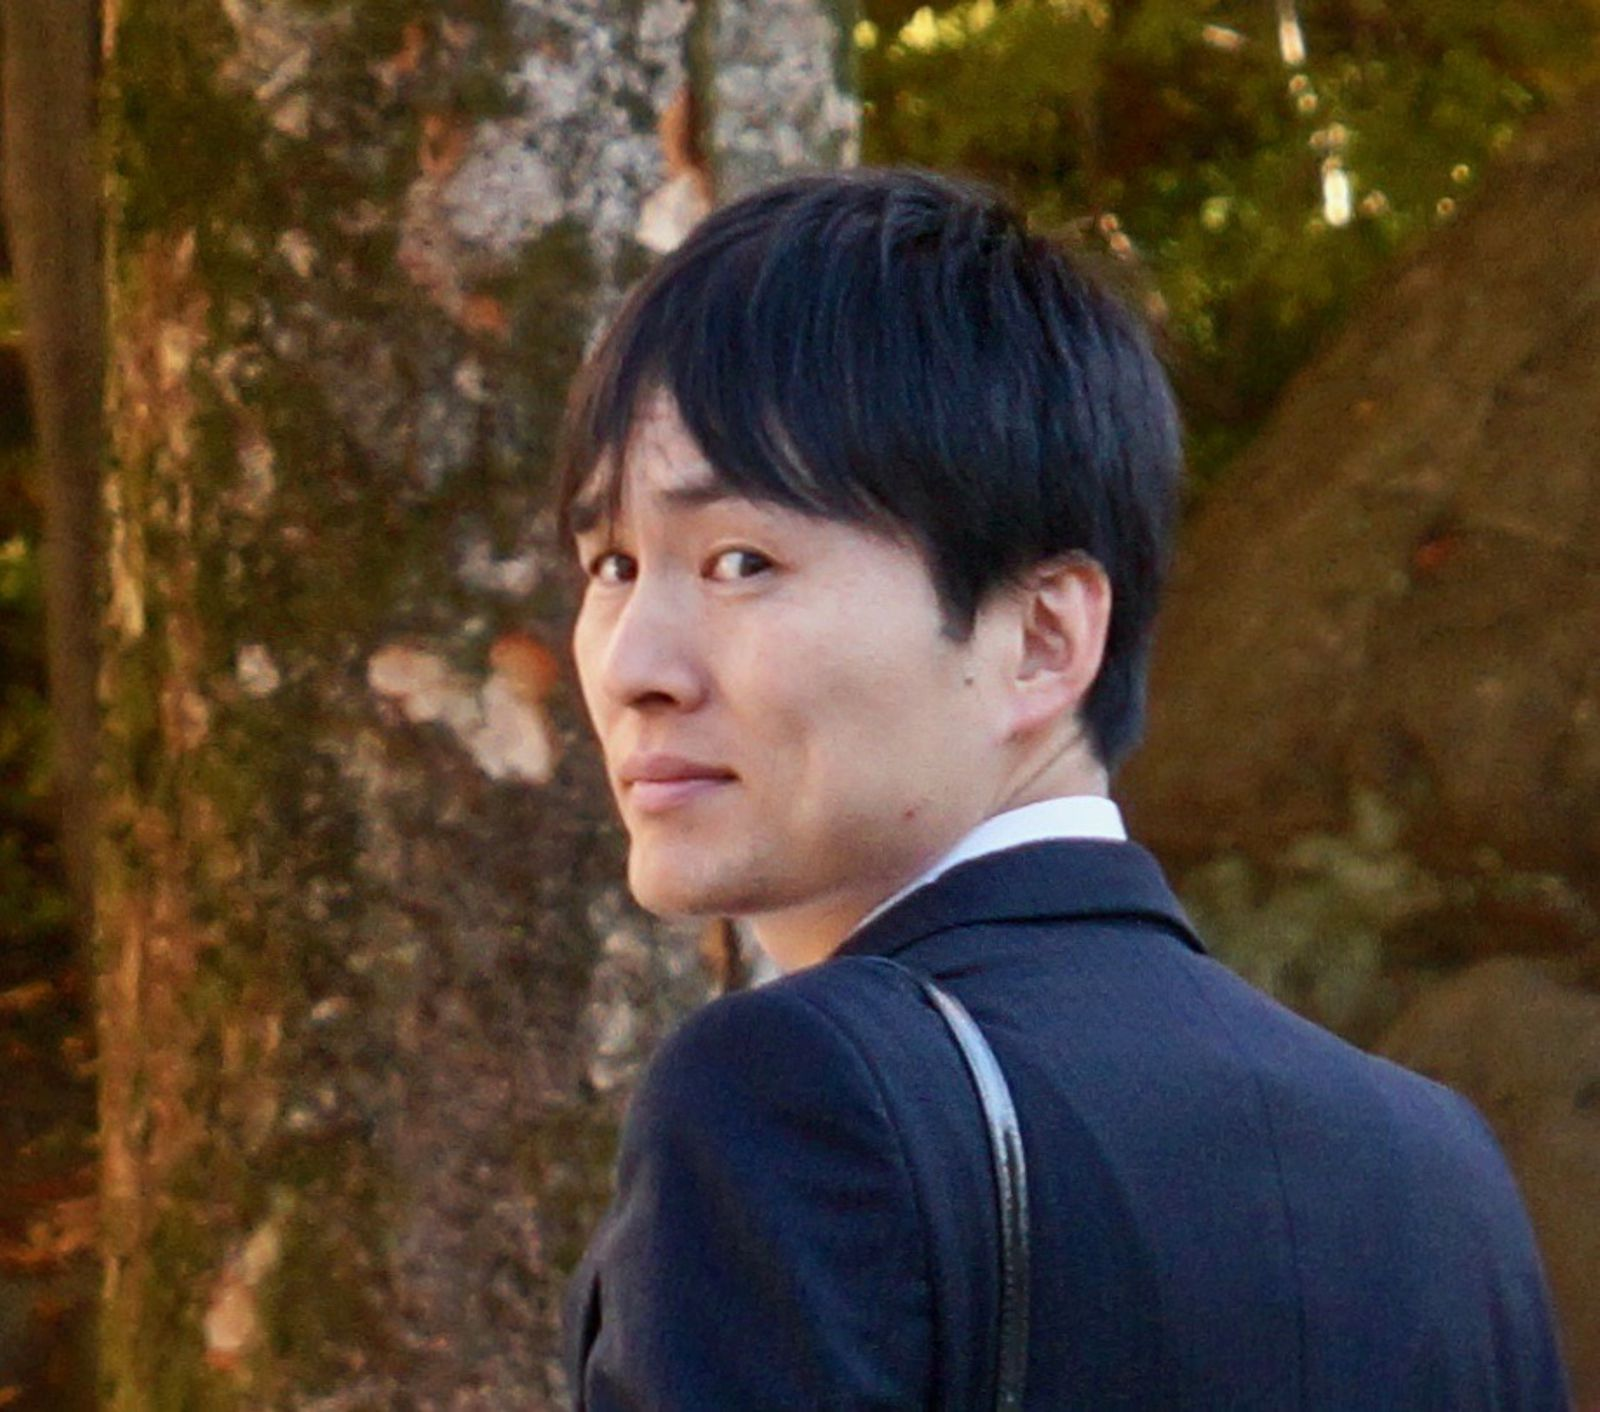 Japoneses, por Andrés Ferrer Taberner - Viajeros por el Mundo